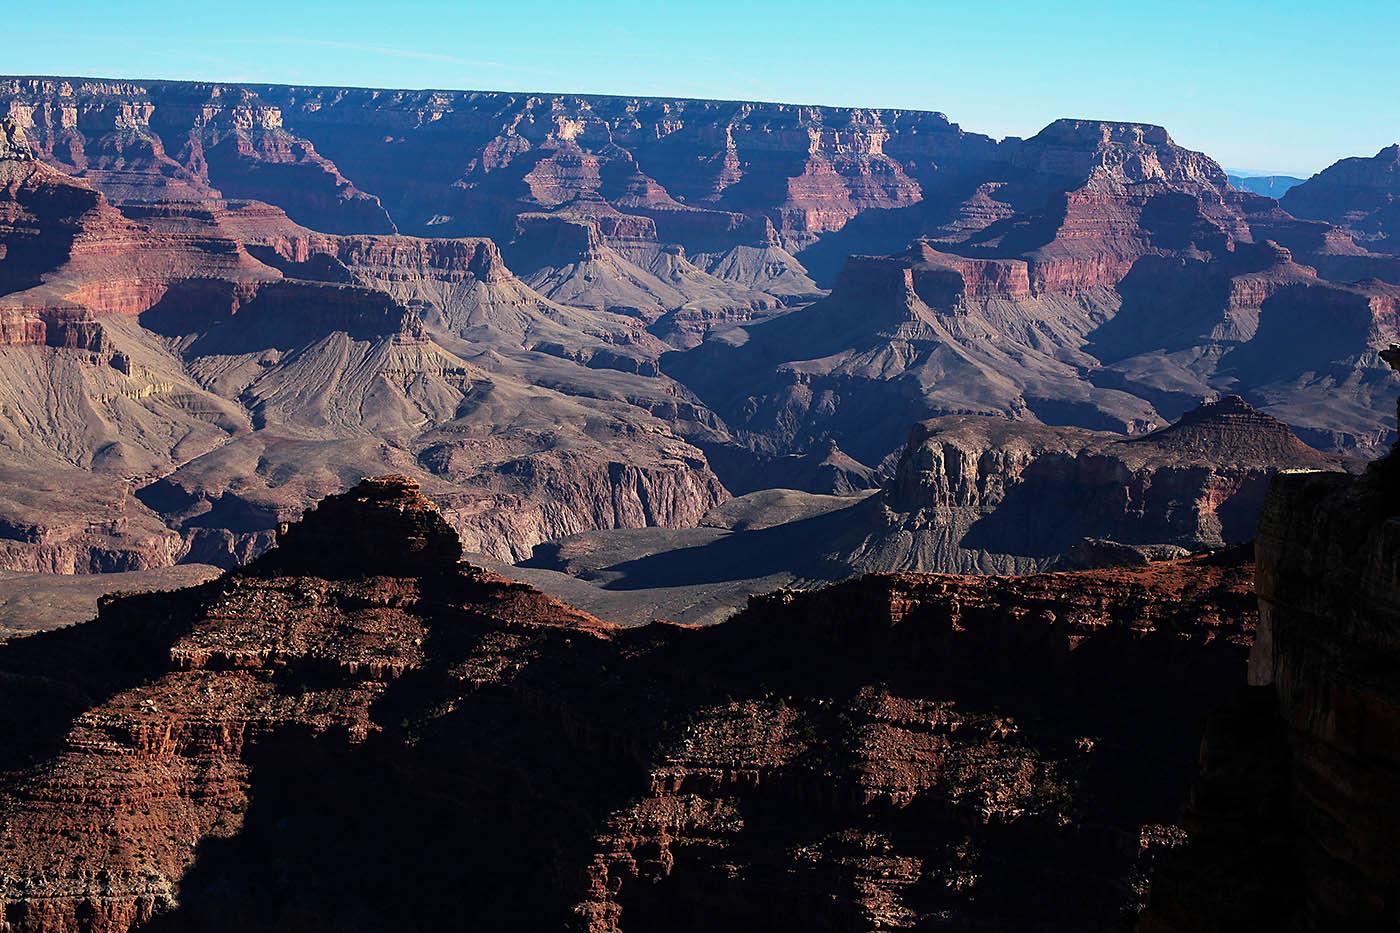 AZ Adventures: The Grand Canyon